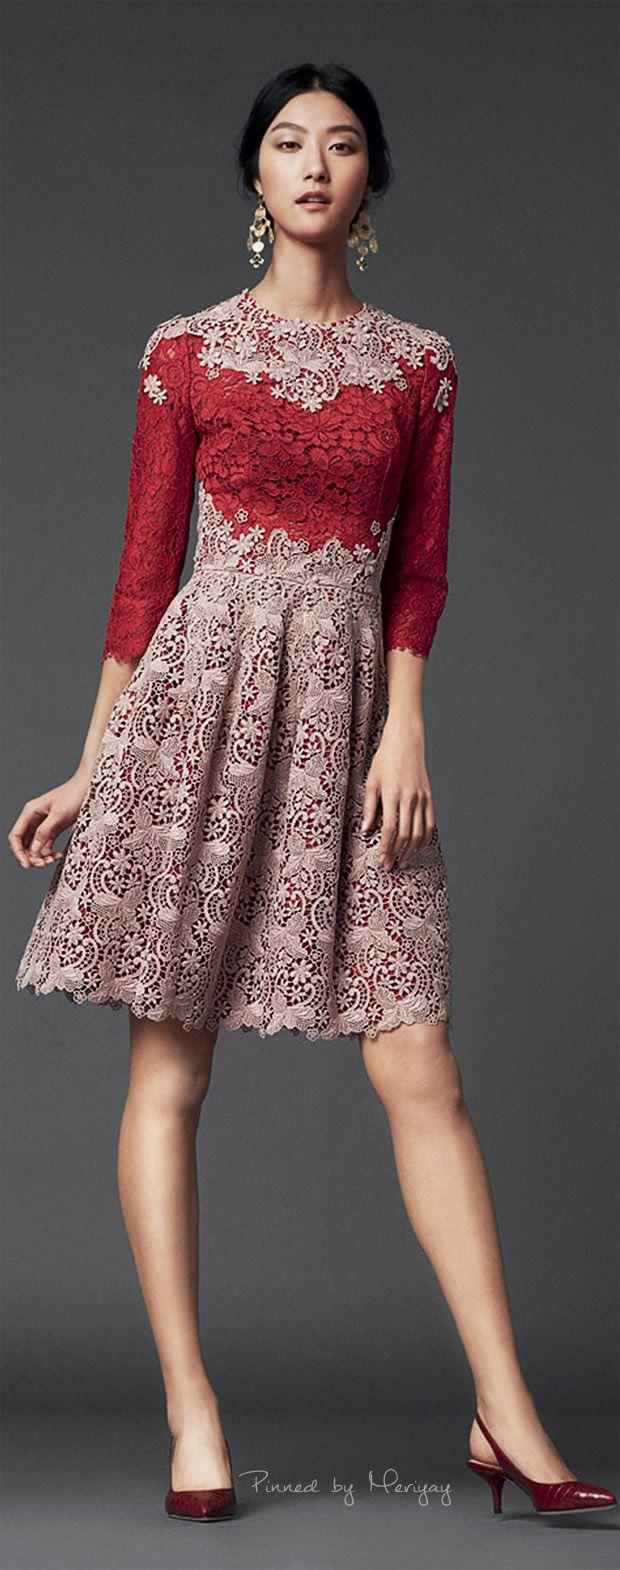 Dolce & Gabbana. jaglady